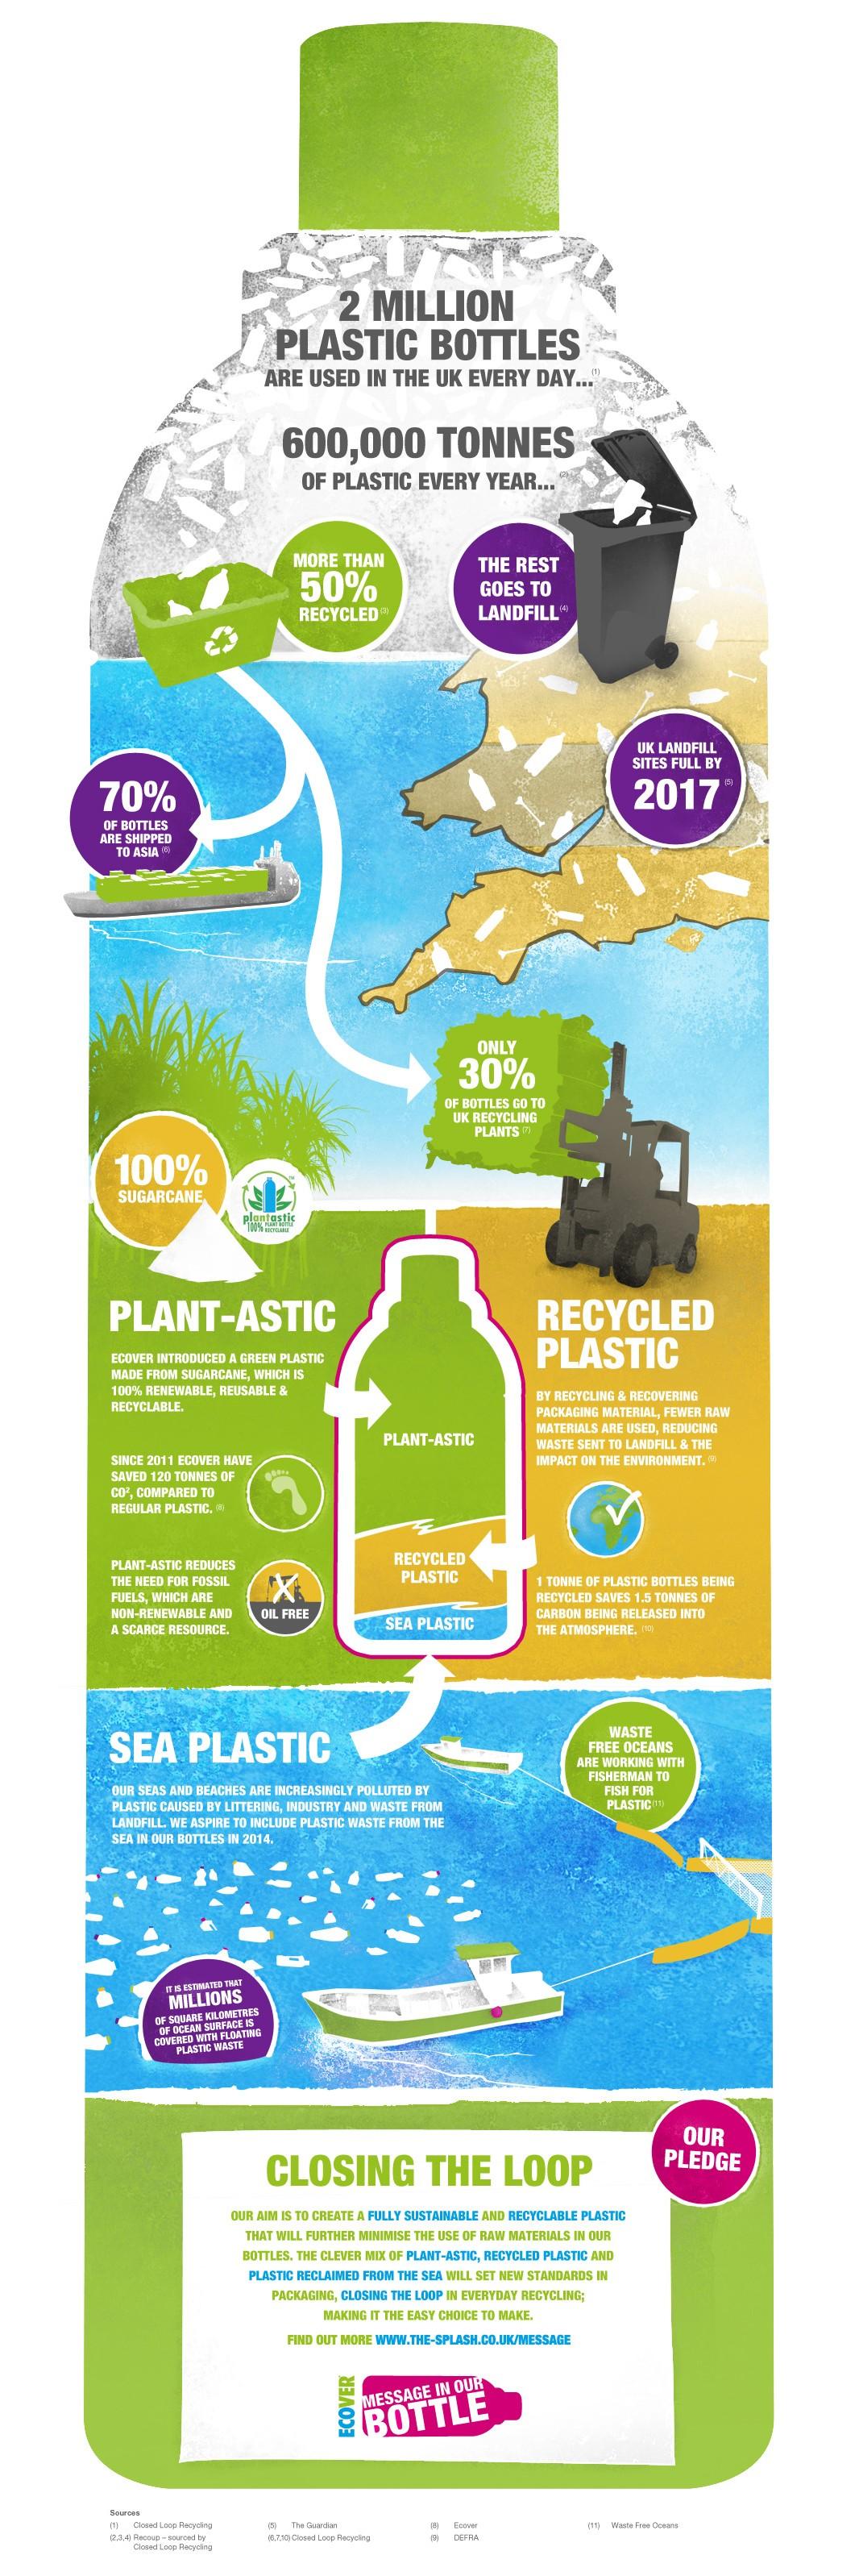 Sugar Cane Plastic-Infographic